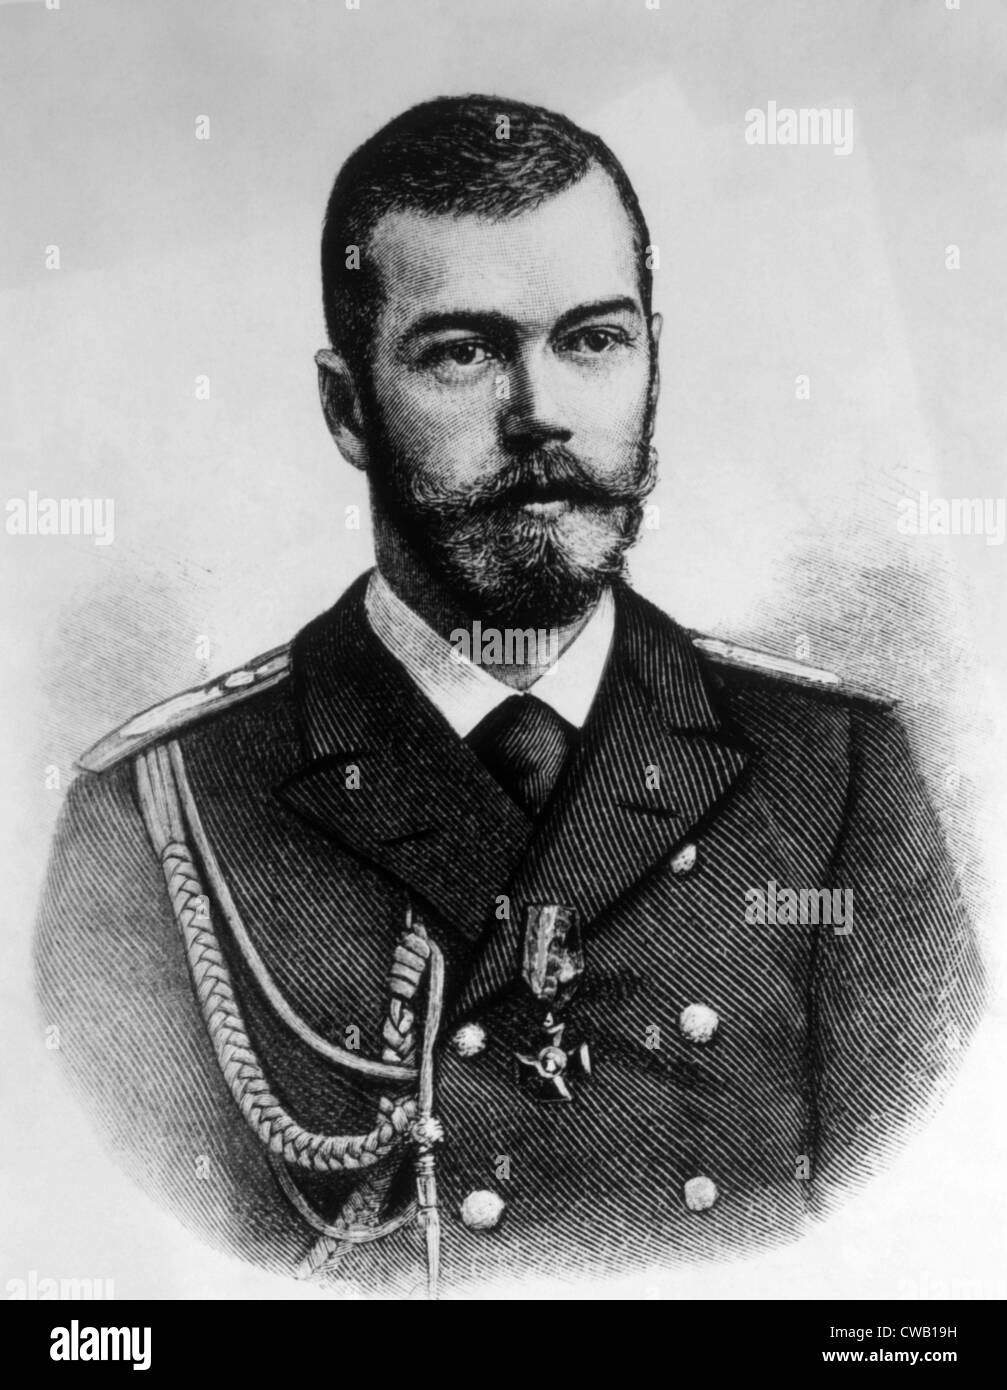 Czar Nicholas II (1868-1918), last Czar of Russia (1894-1917) - Stock Image